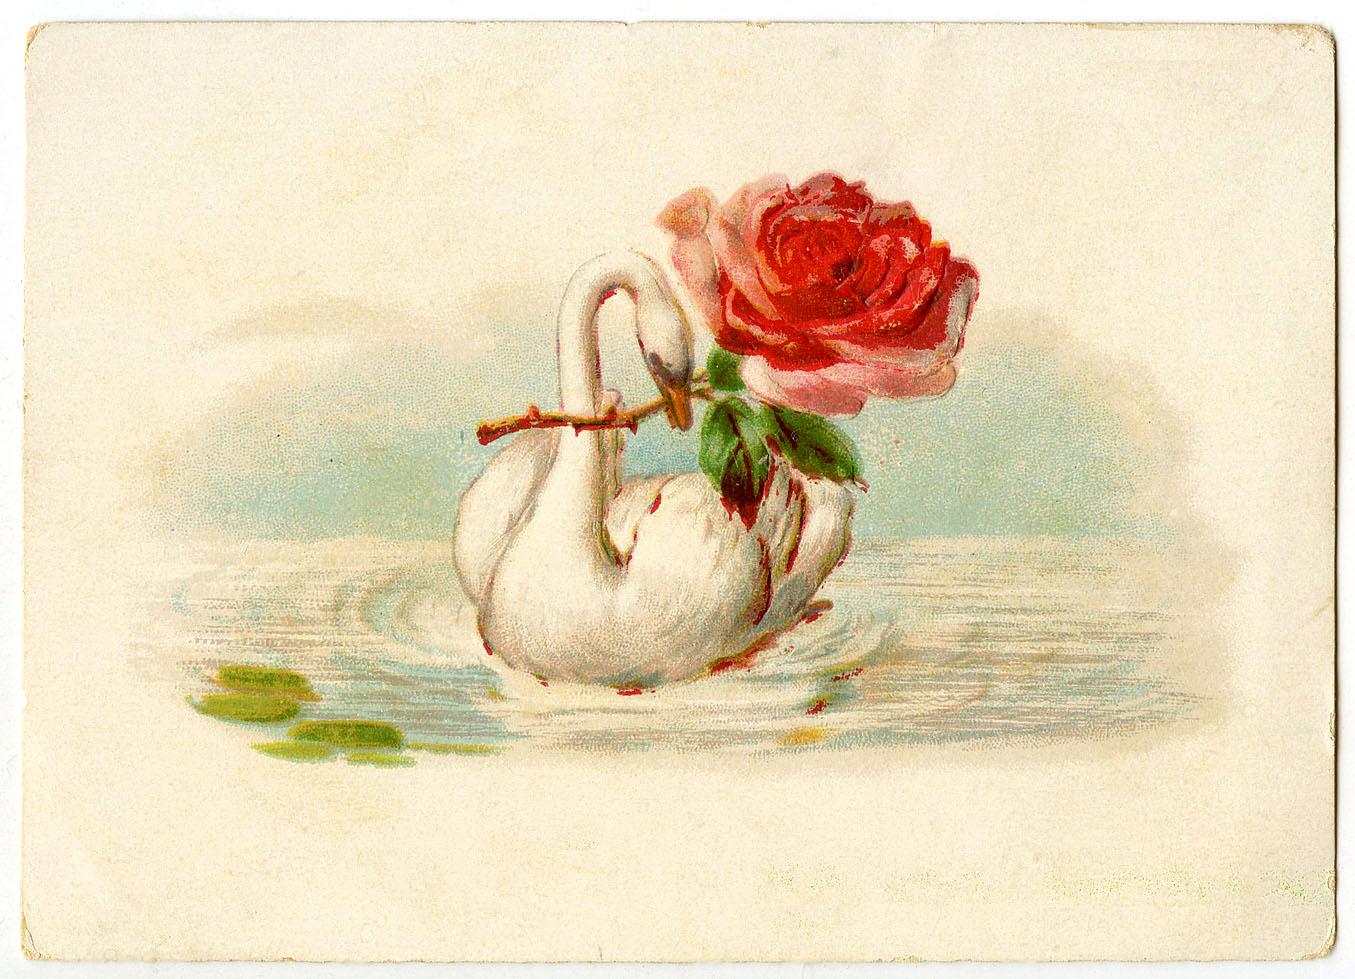 белый лебедь и краснаяроза